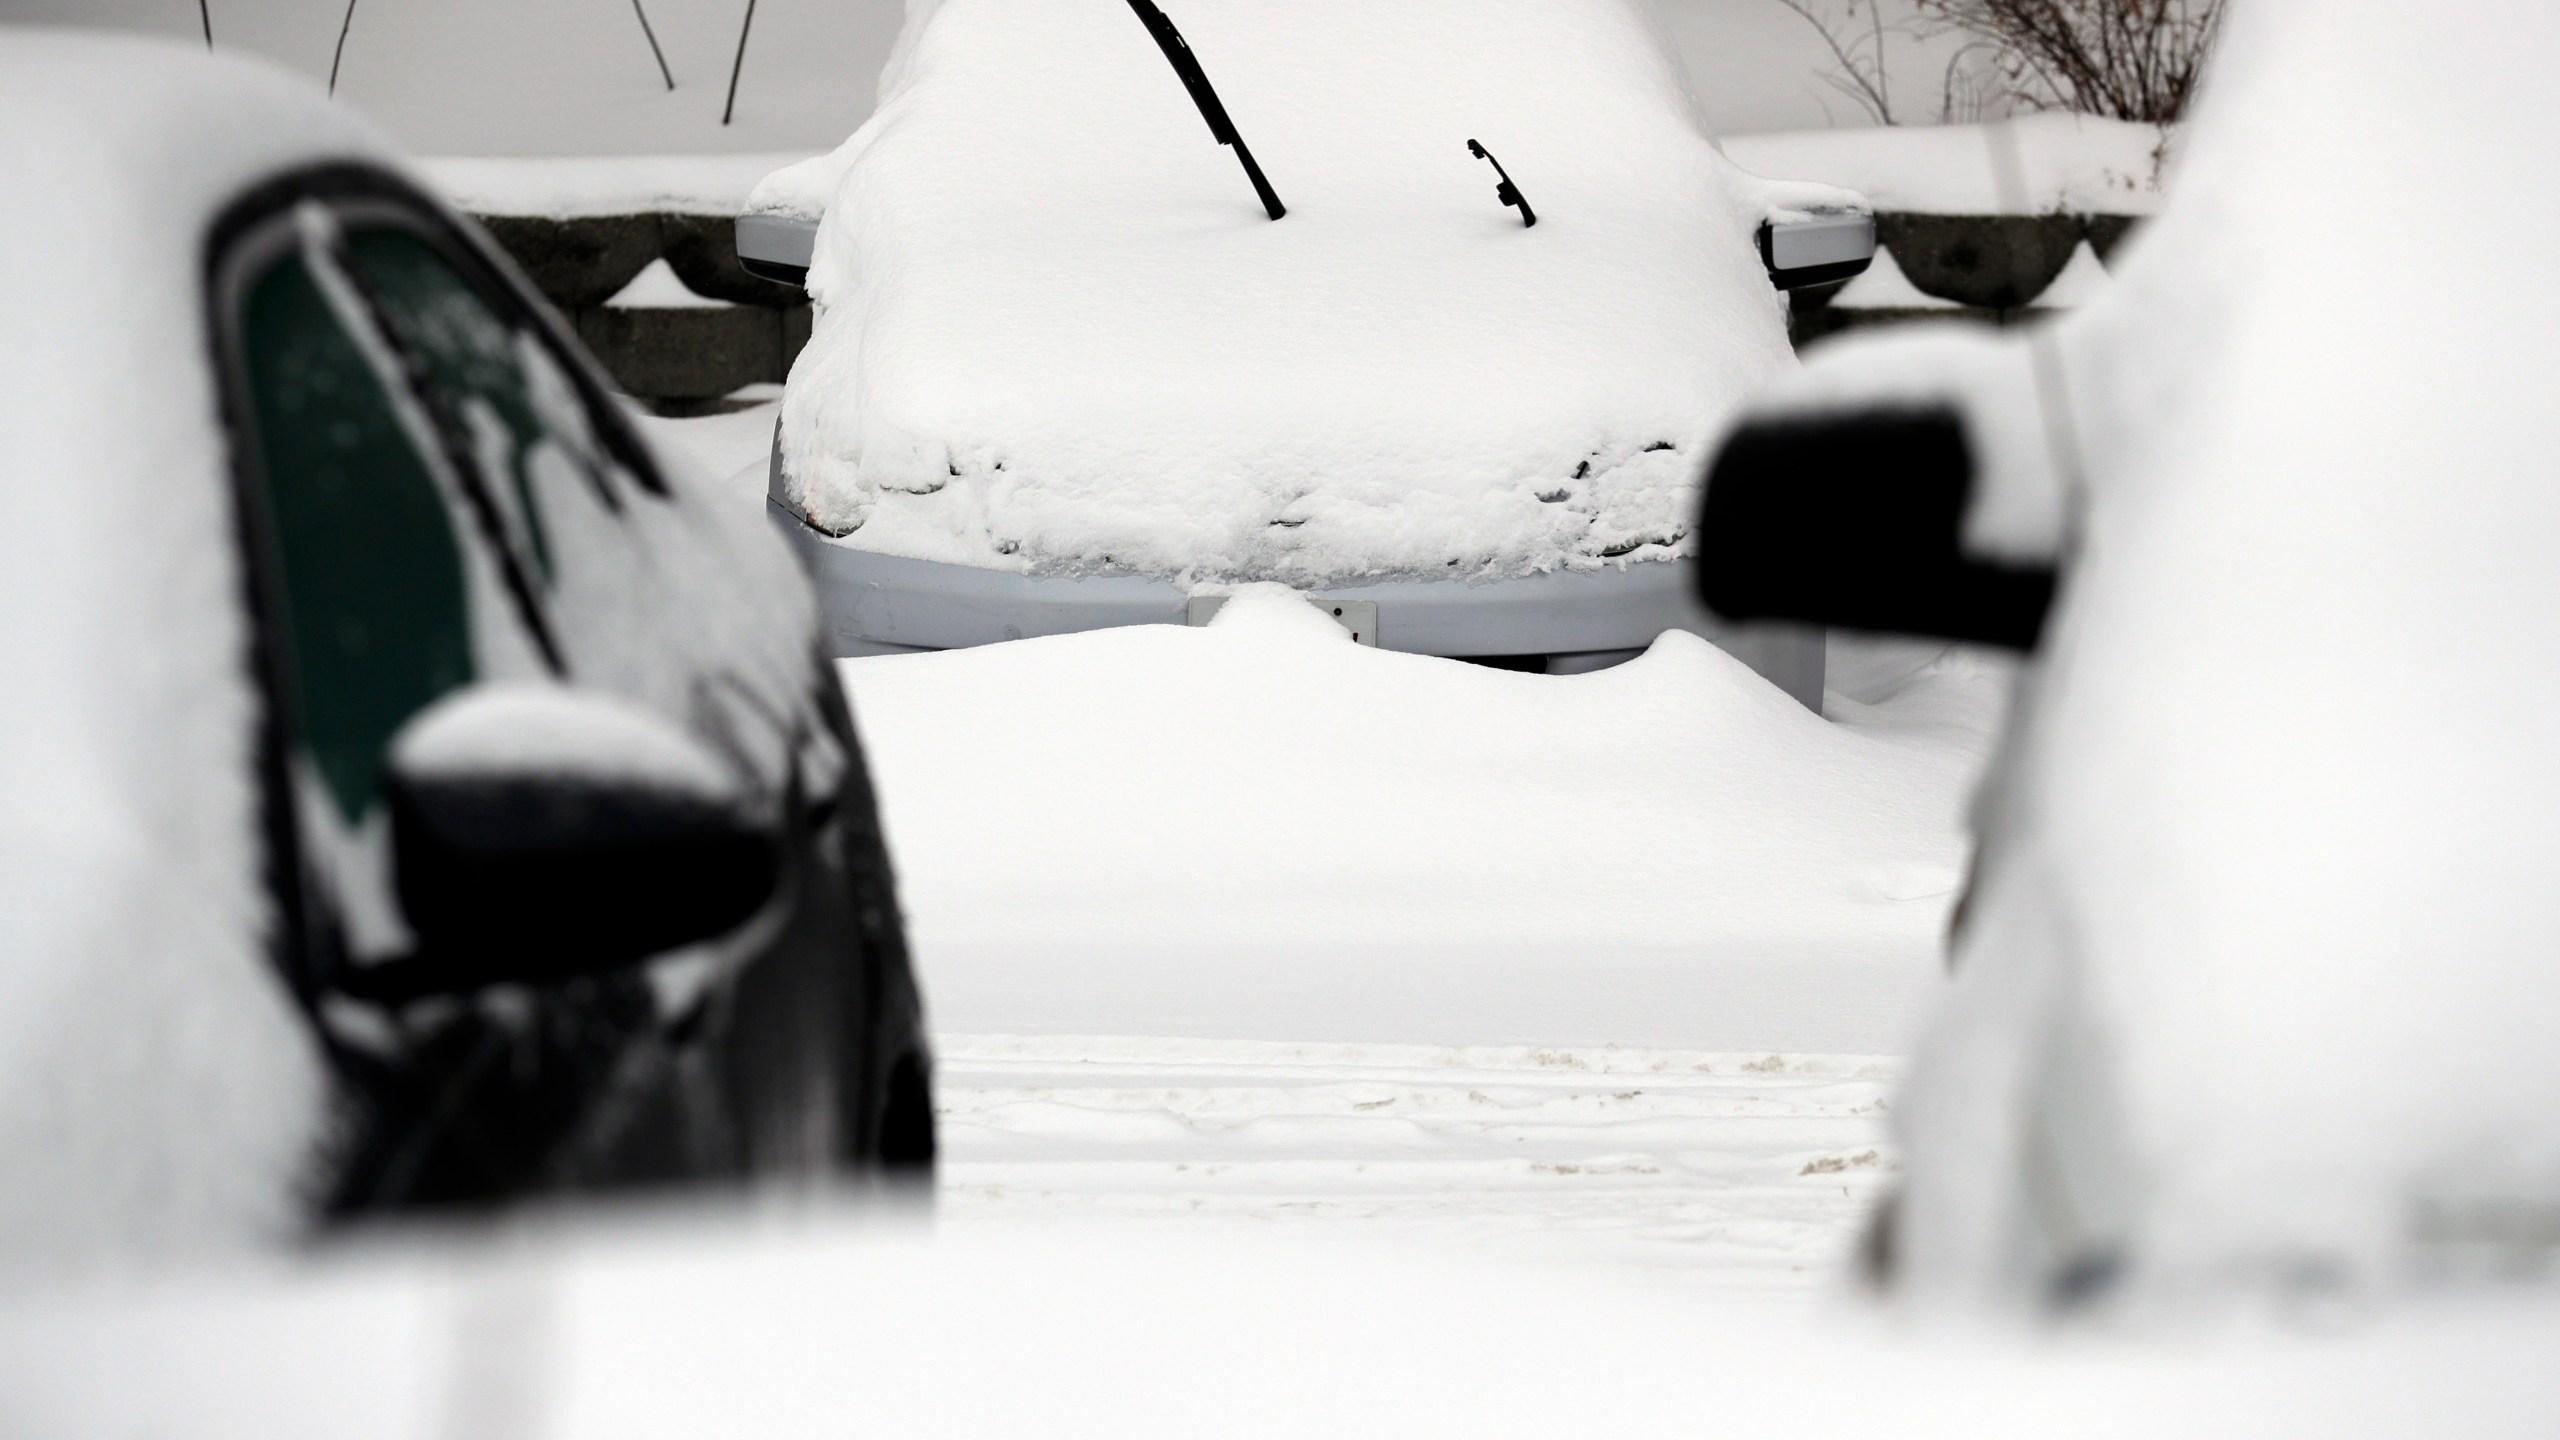 Winter_Weather_Illinois_48136-159532.jpg38078805